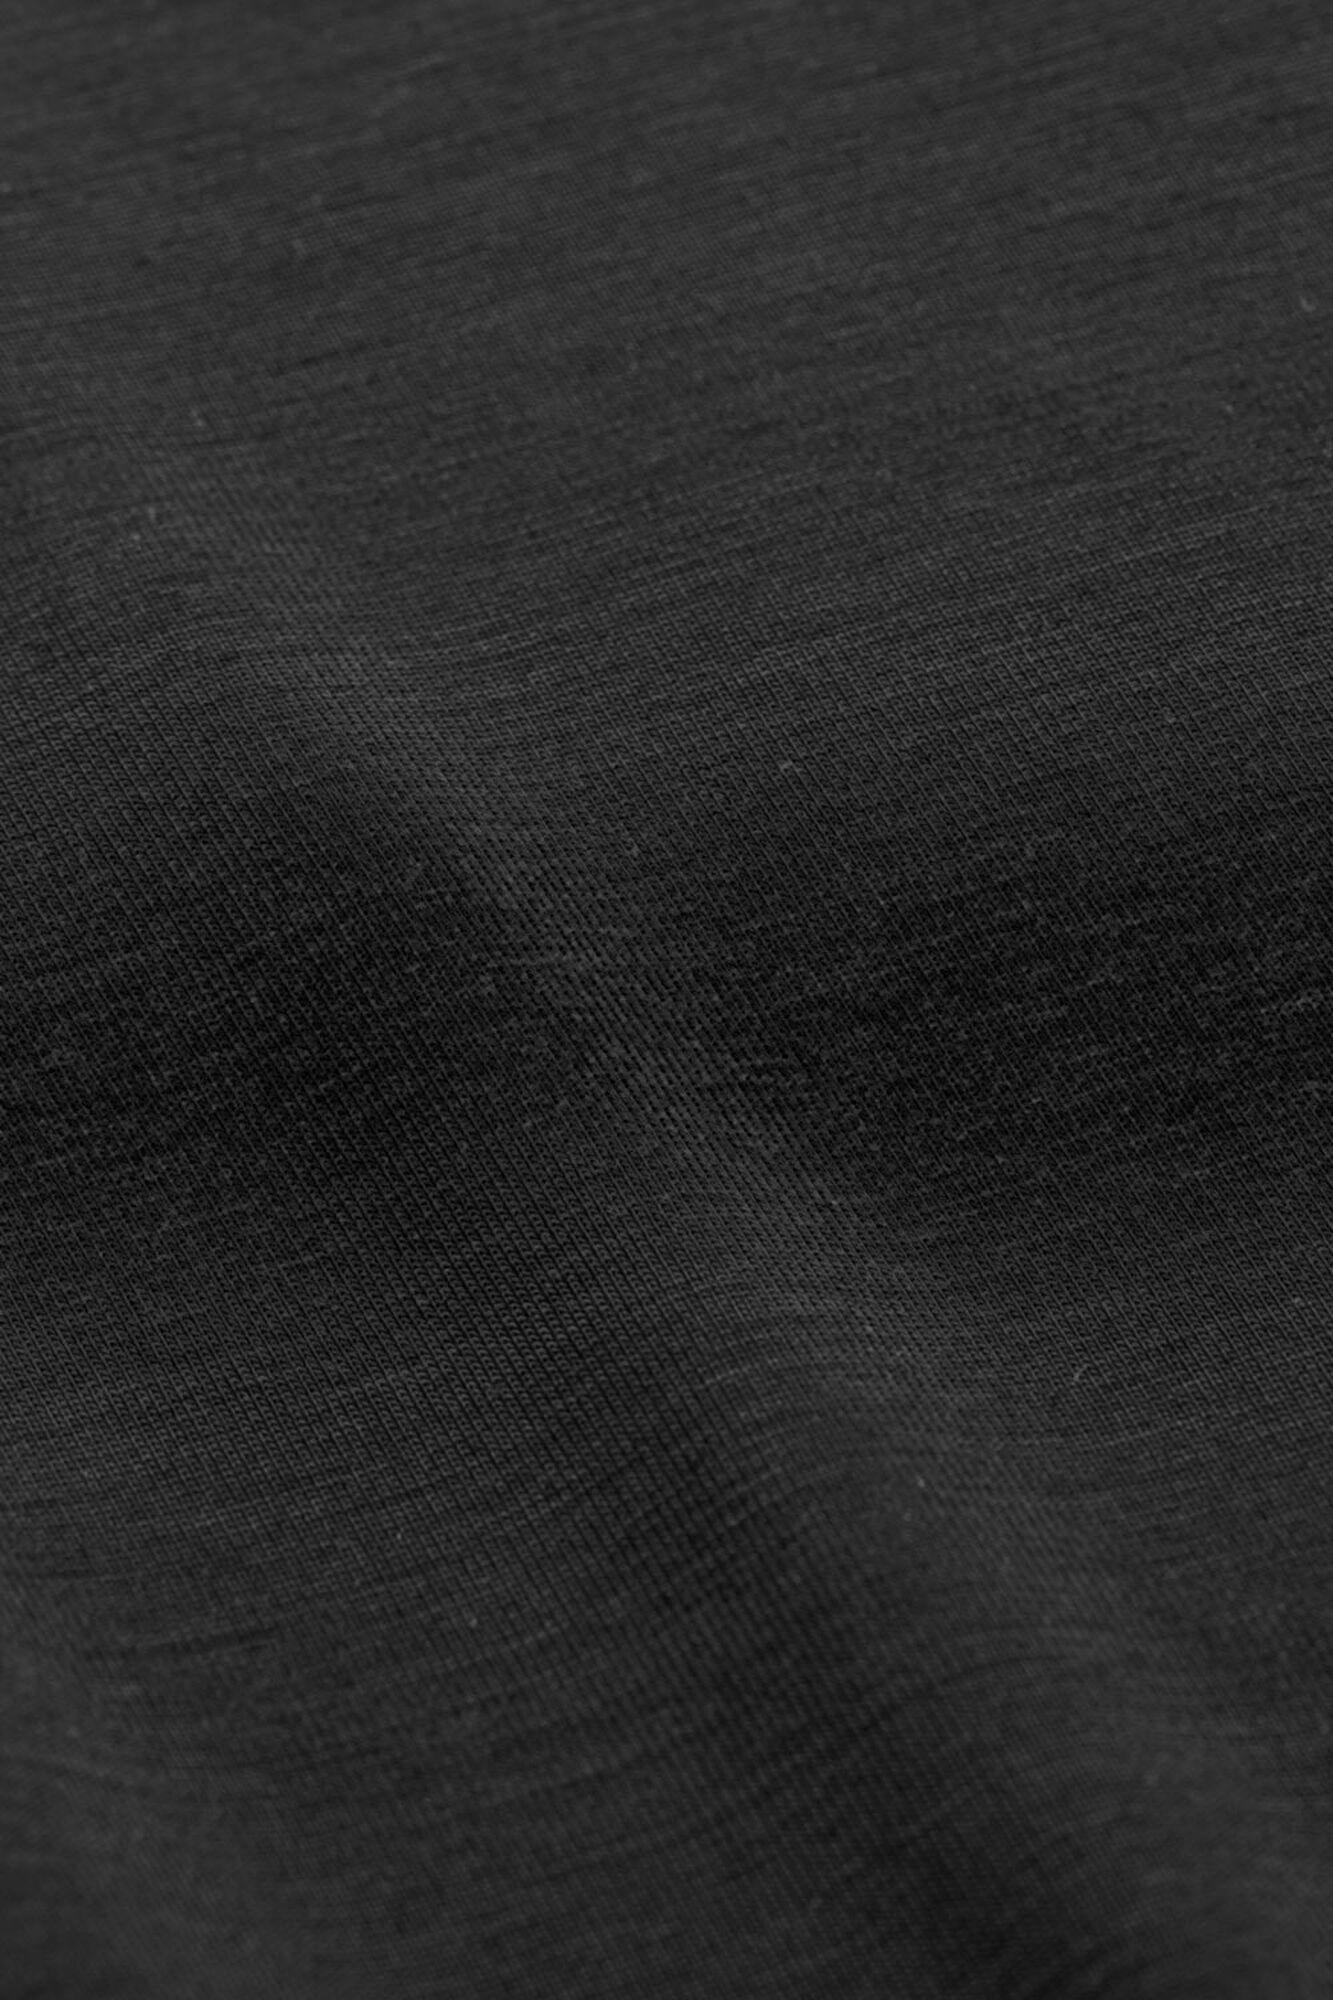 BADISNA TOP, Black, hi-res